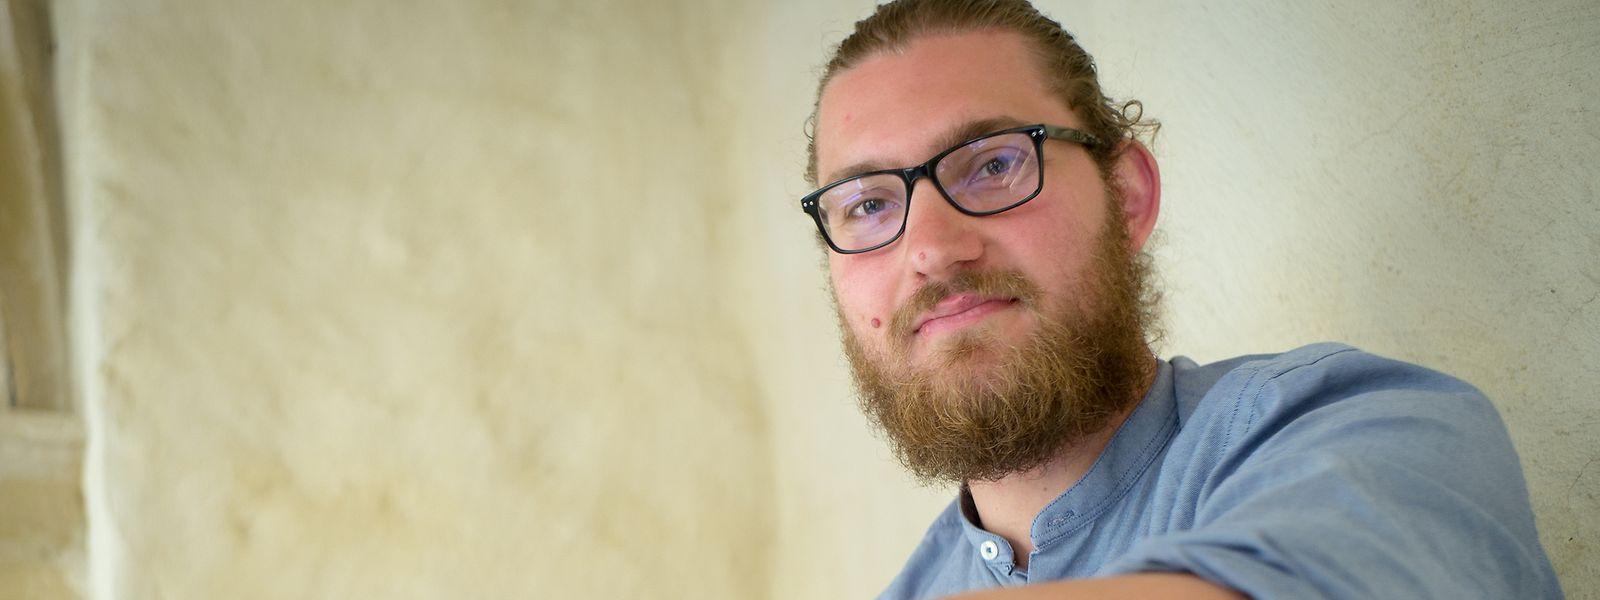 Nik Bohnenberger möchte sich in Zukunft intensiver mit Musiktheater beschäftigen können.